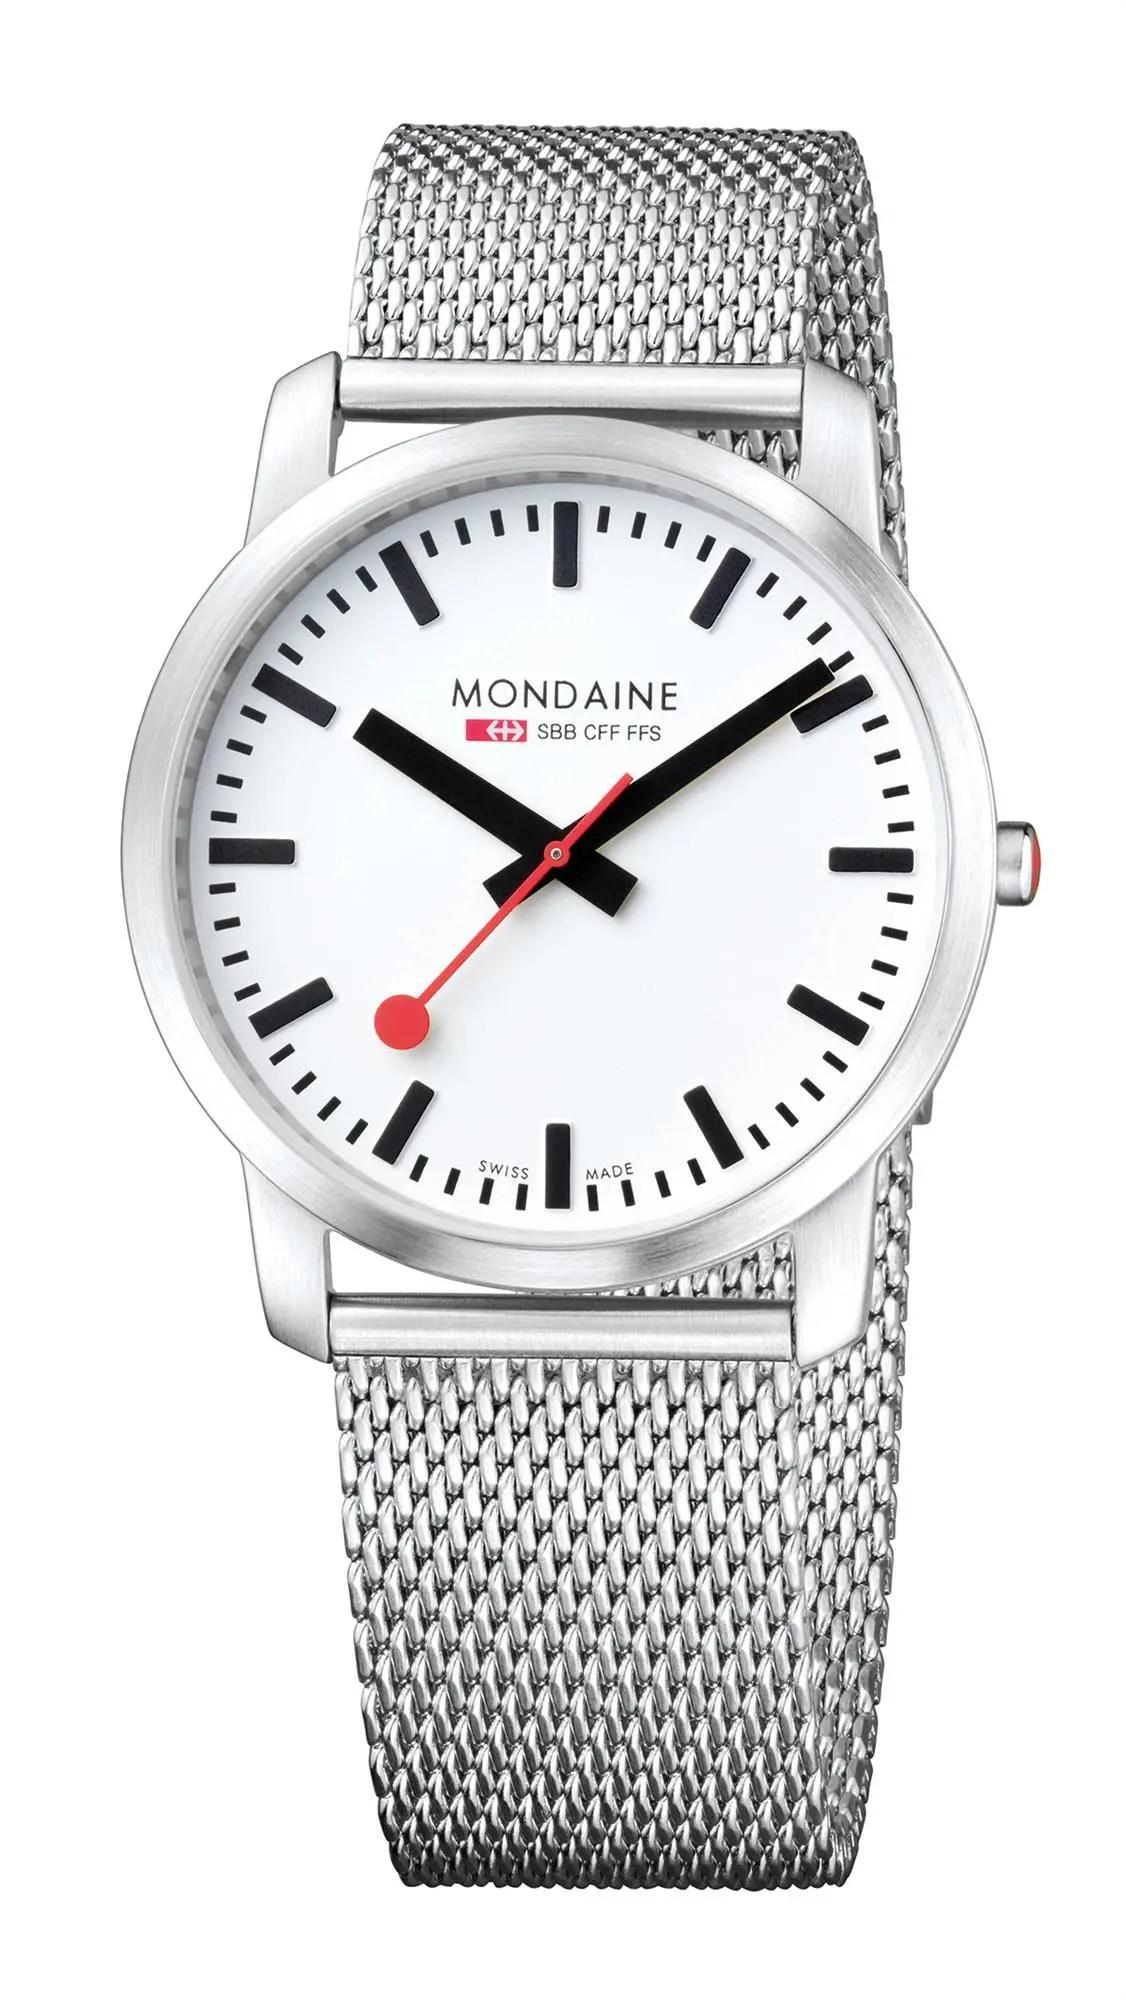 Mondaine Simply Elegant Stainless Steel Mesh Bracelet Men